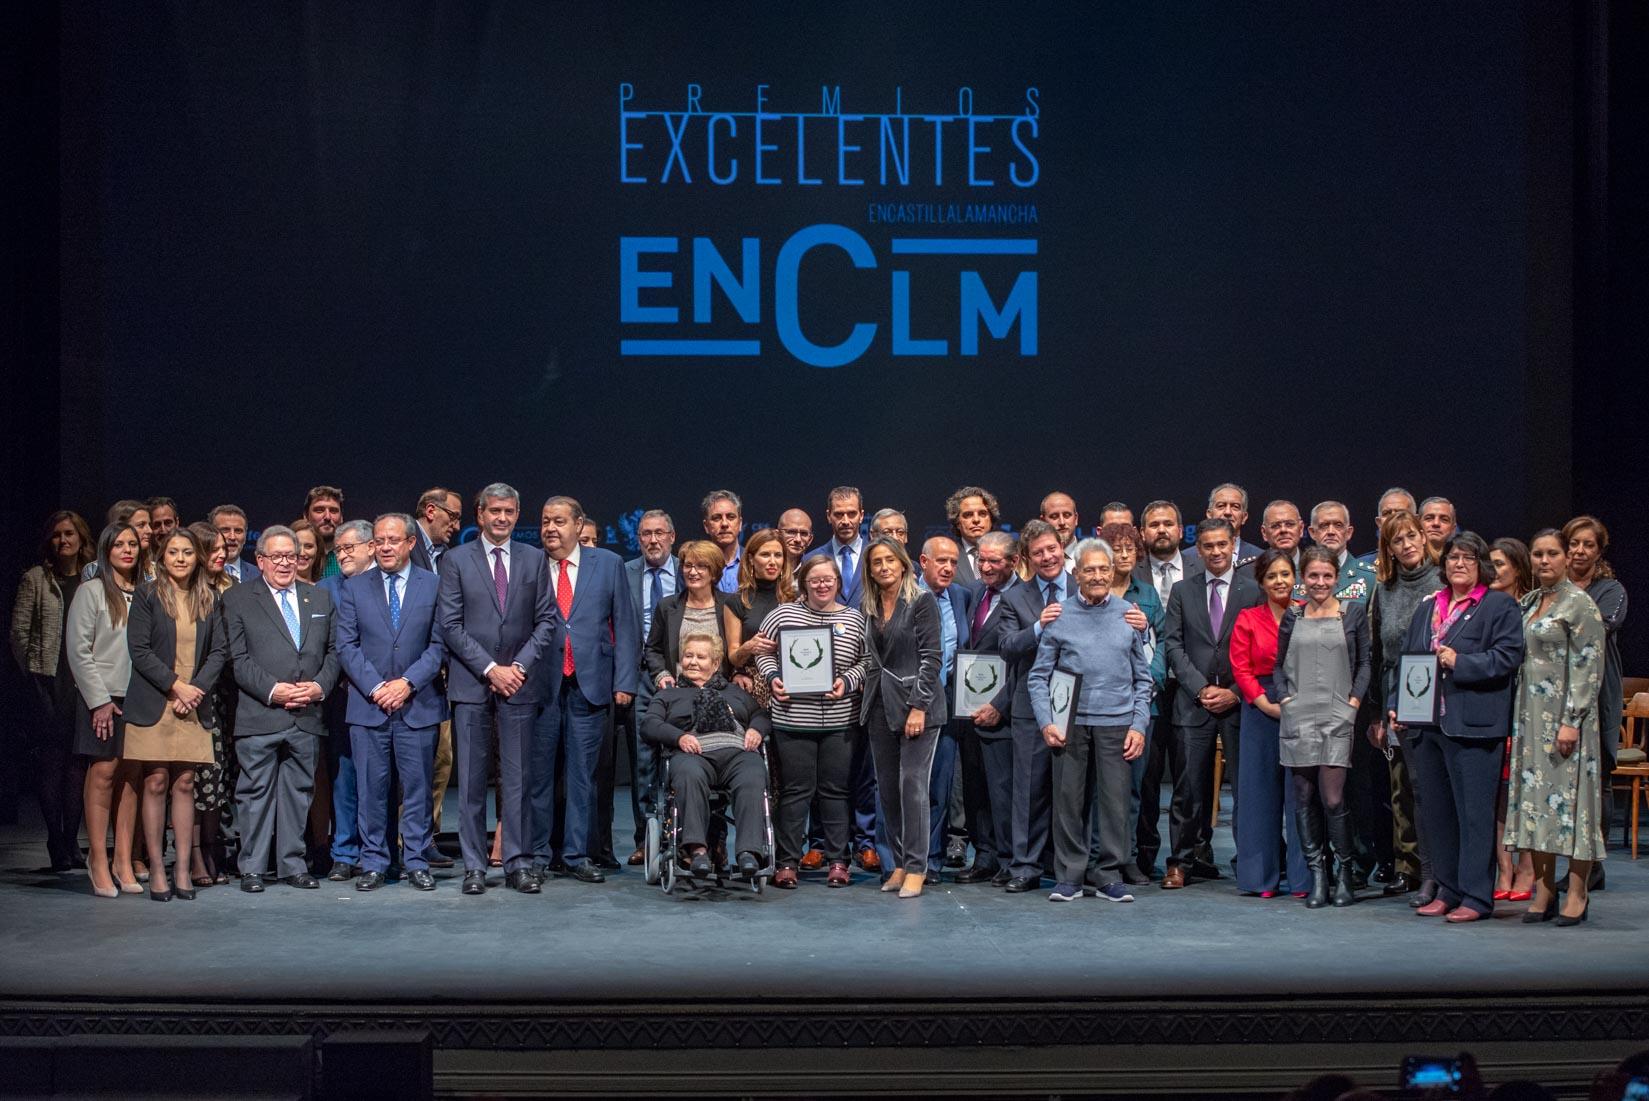 La primera edición de los Premios Excelentes de Encastillalamancha.es reconoció el esfuerzo, la capacidad de superación y el talento de personas e instituciones de CLM en un acto lleno de emoción.